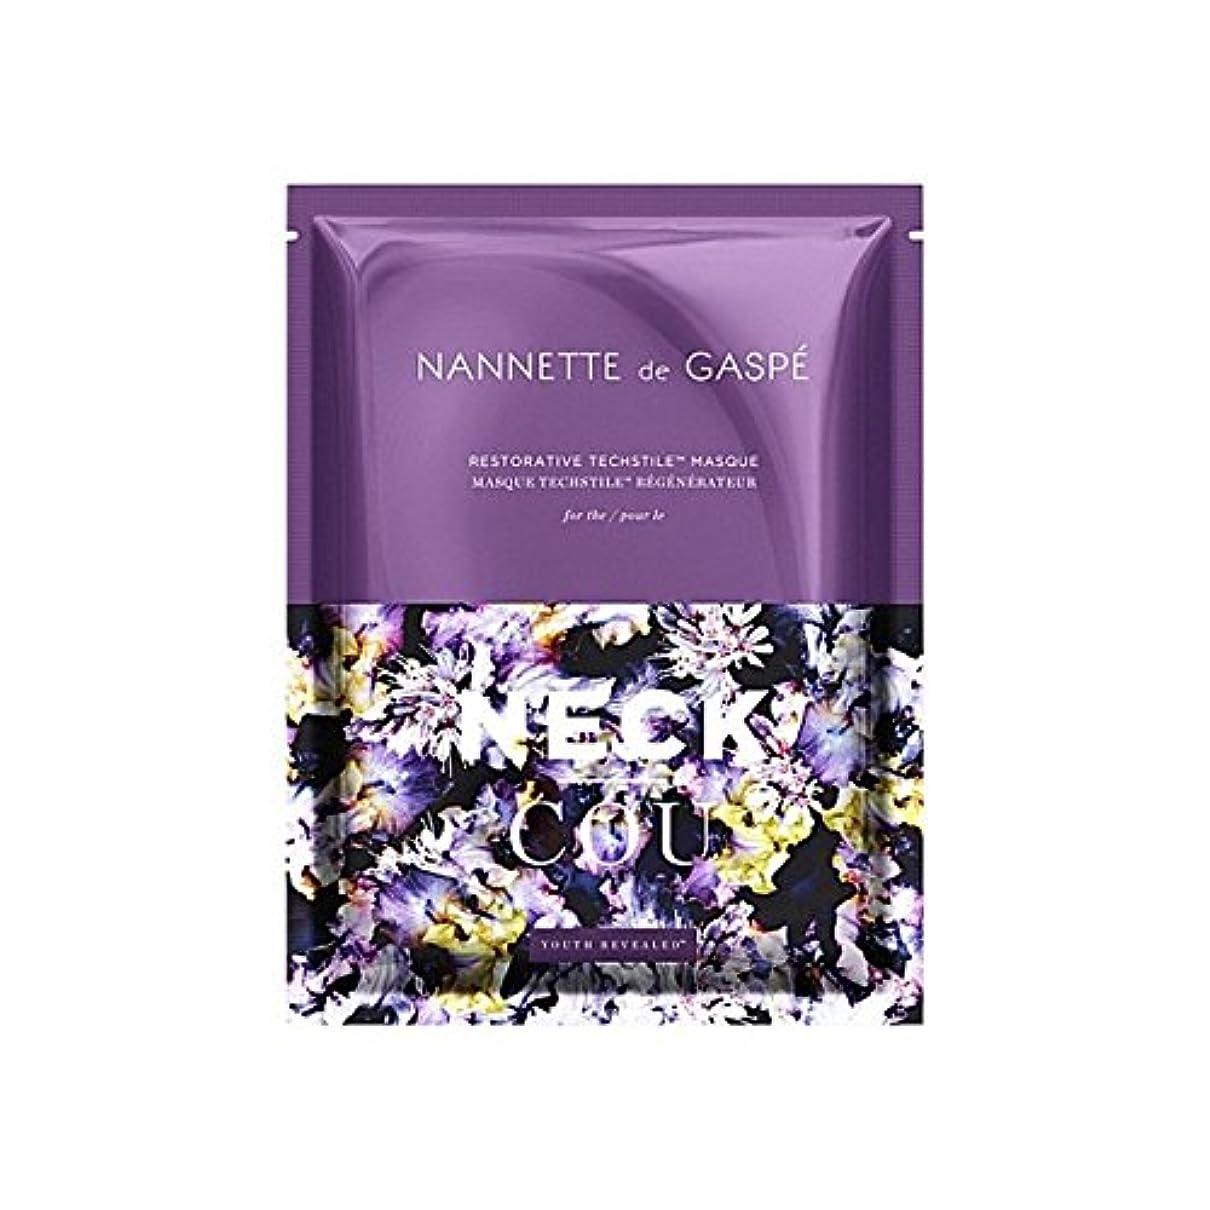 染色花に水をやる故意のデガスペ修復首の仮面劇 x4 - Nannette De Gaspe Restorative Techstile Neck Masque (Pack of 4) [並行輸入品]